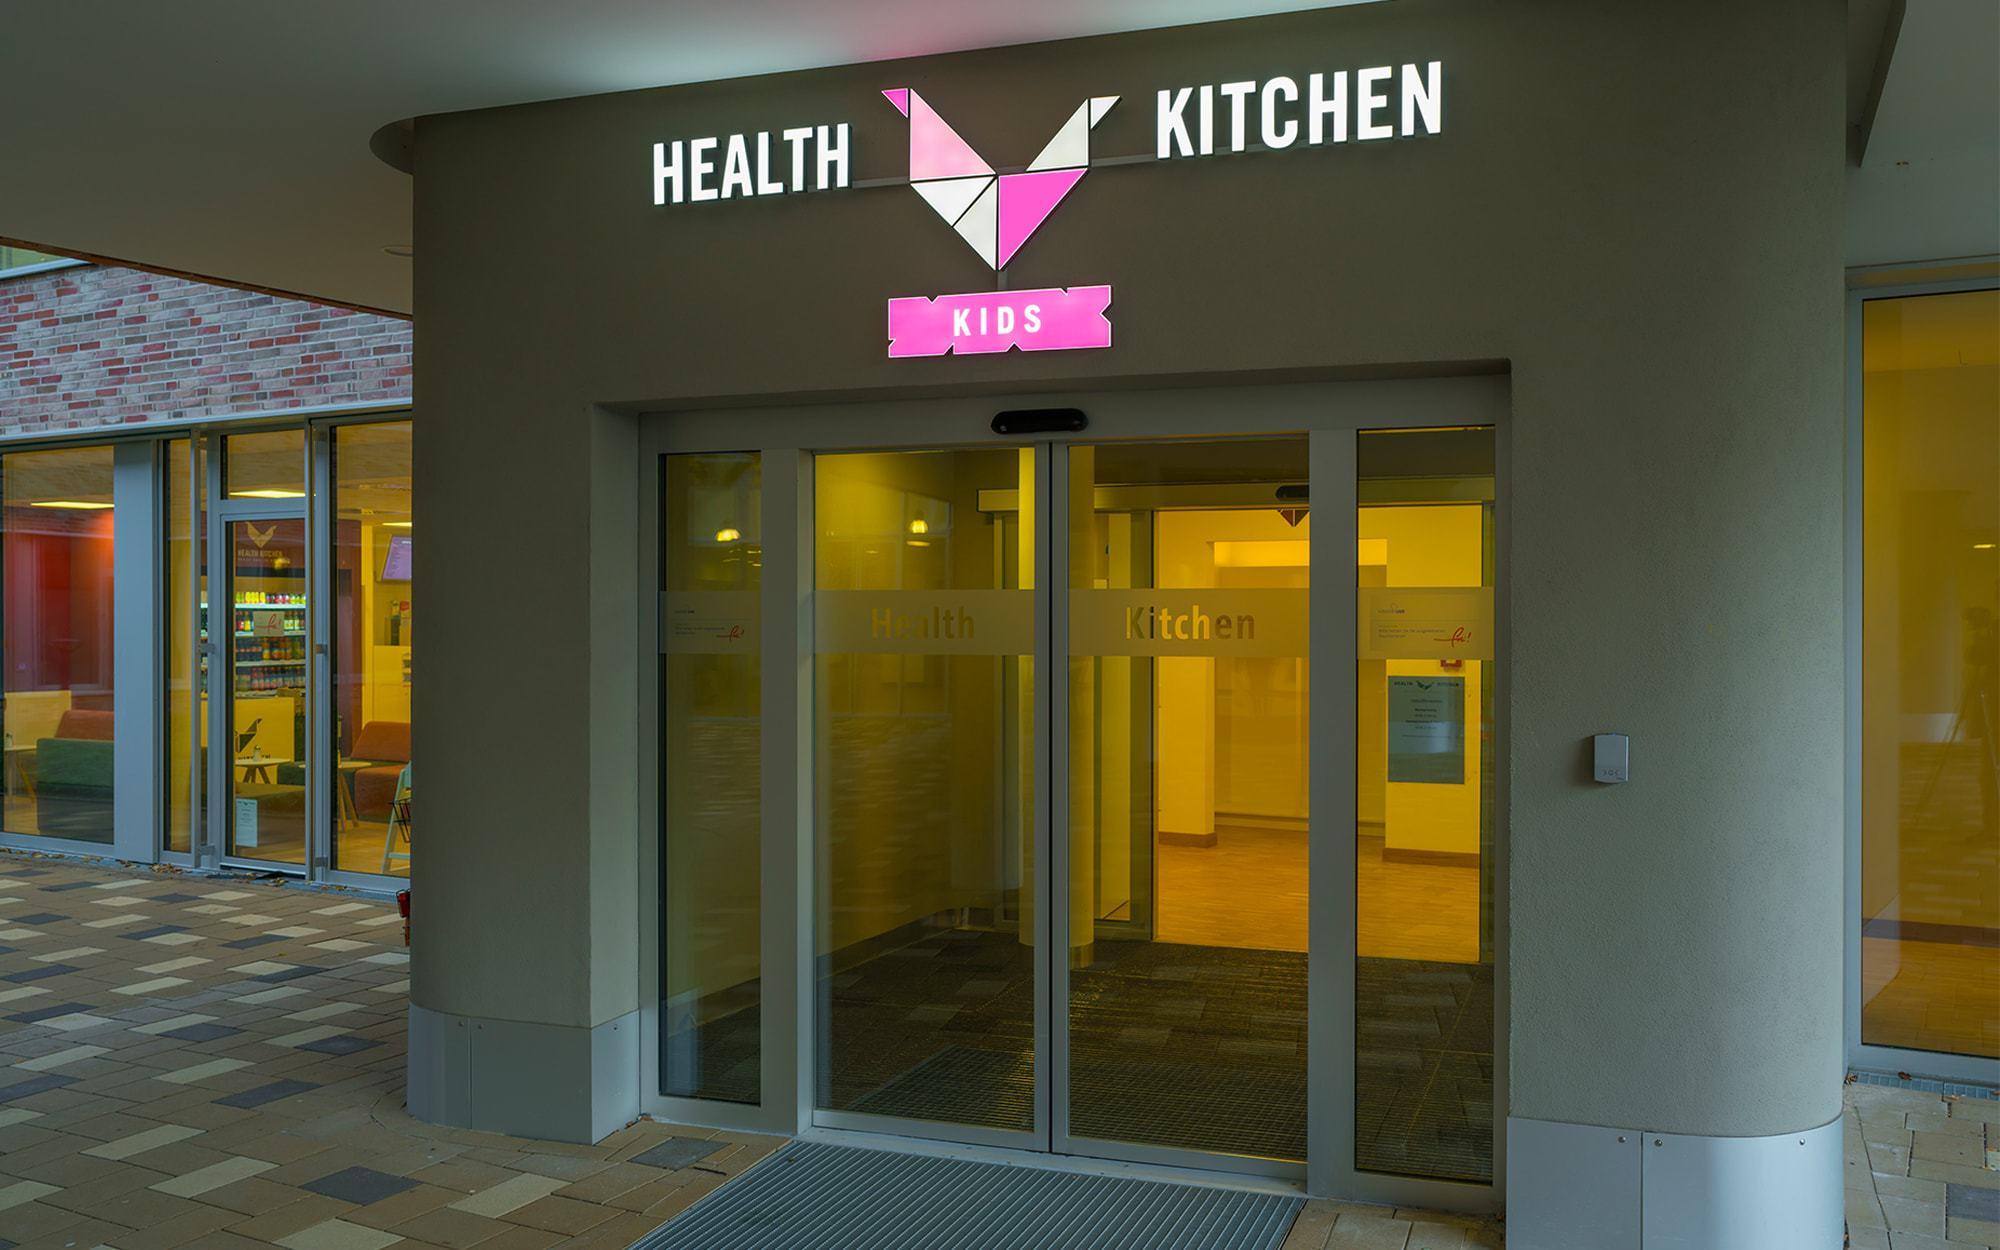 Einzelbuchstaben aus Plexiglas mit eingegossenen LED. Montage für das Kinderkrankenhaus im UKE Hamburg